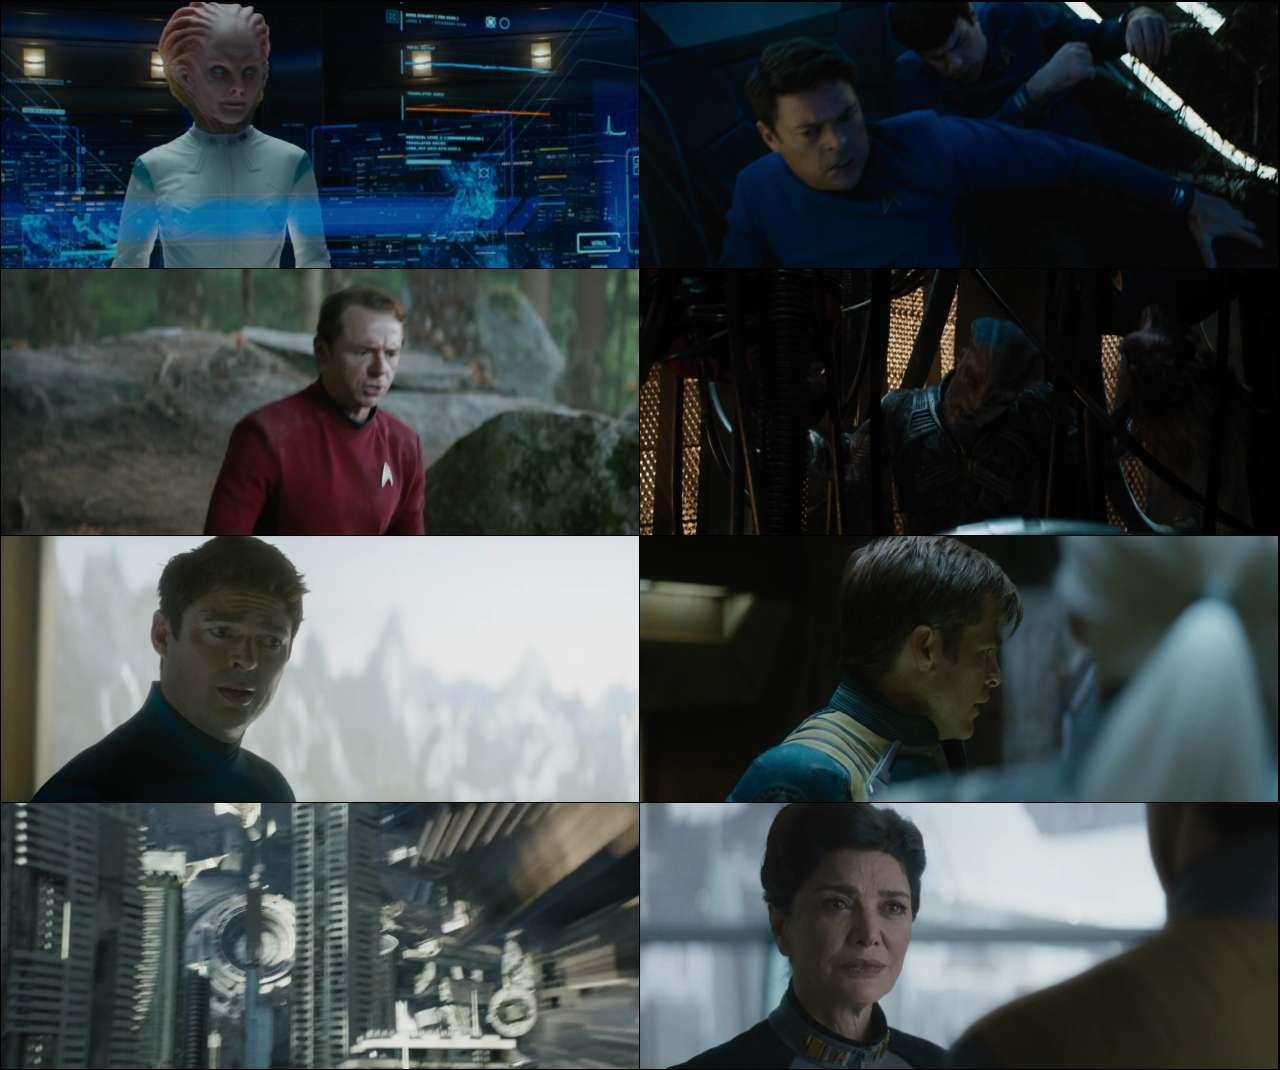 Star Trek Sonsuzluk - Star Trek Beyond (2016) türkçe altyazılı film indir